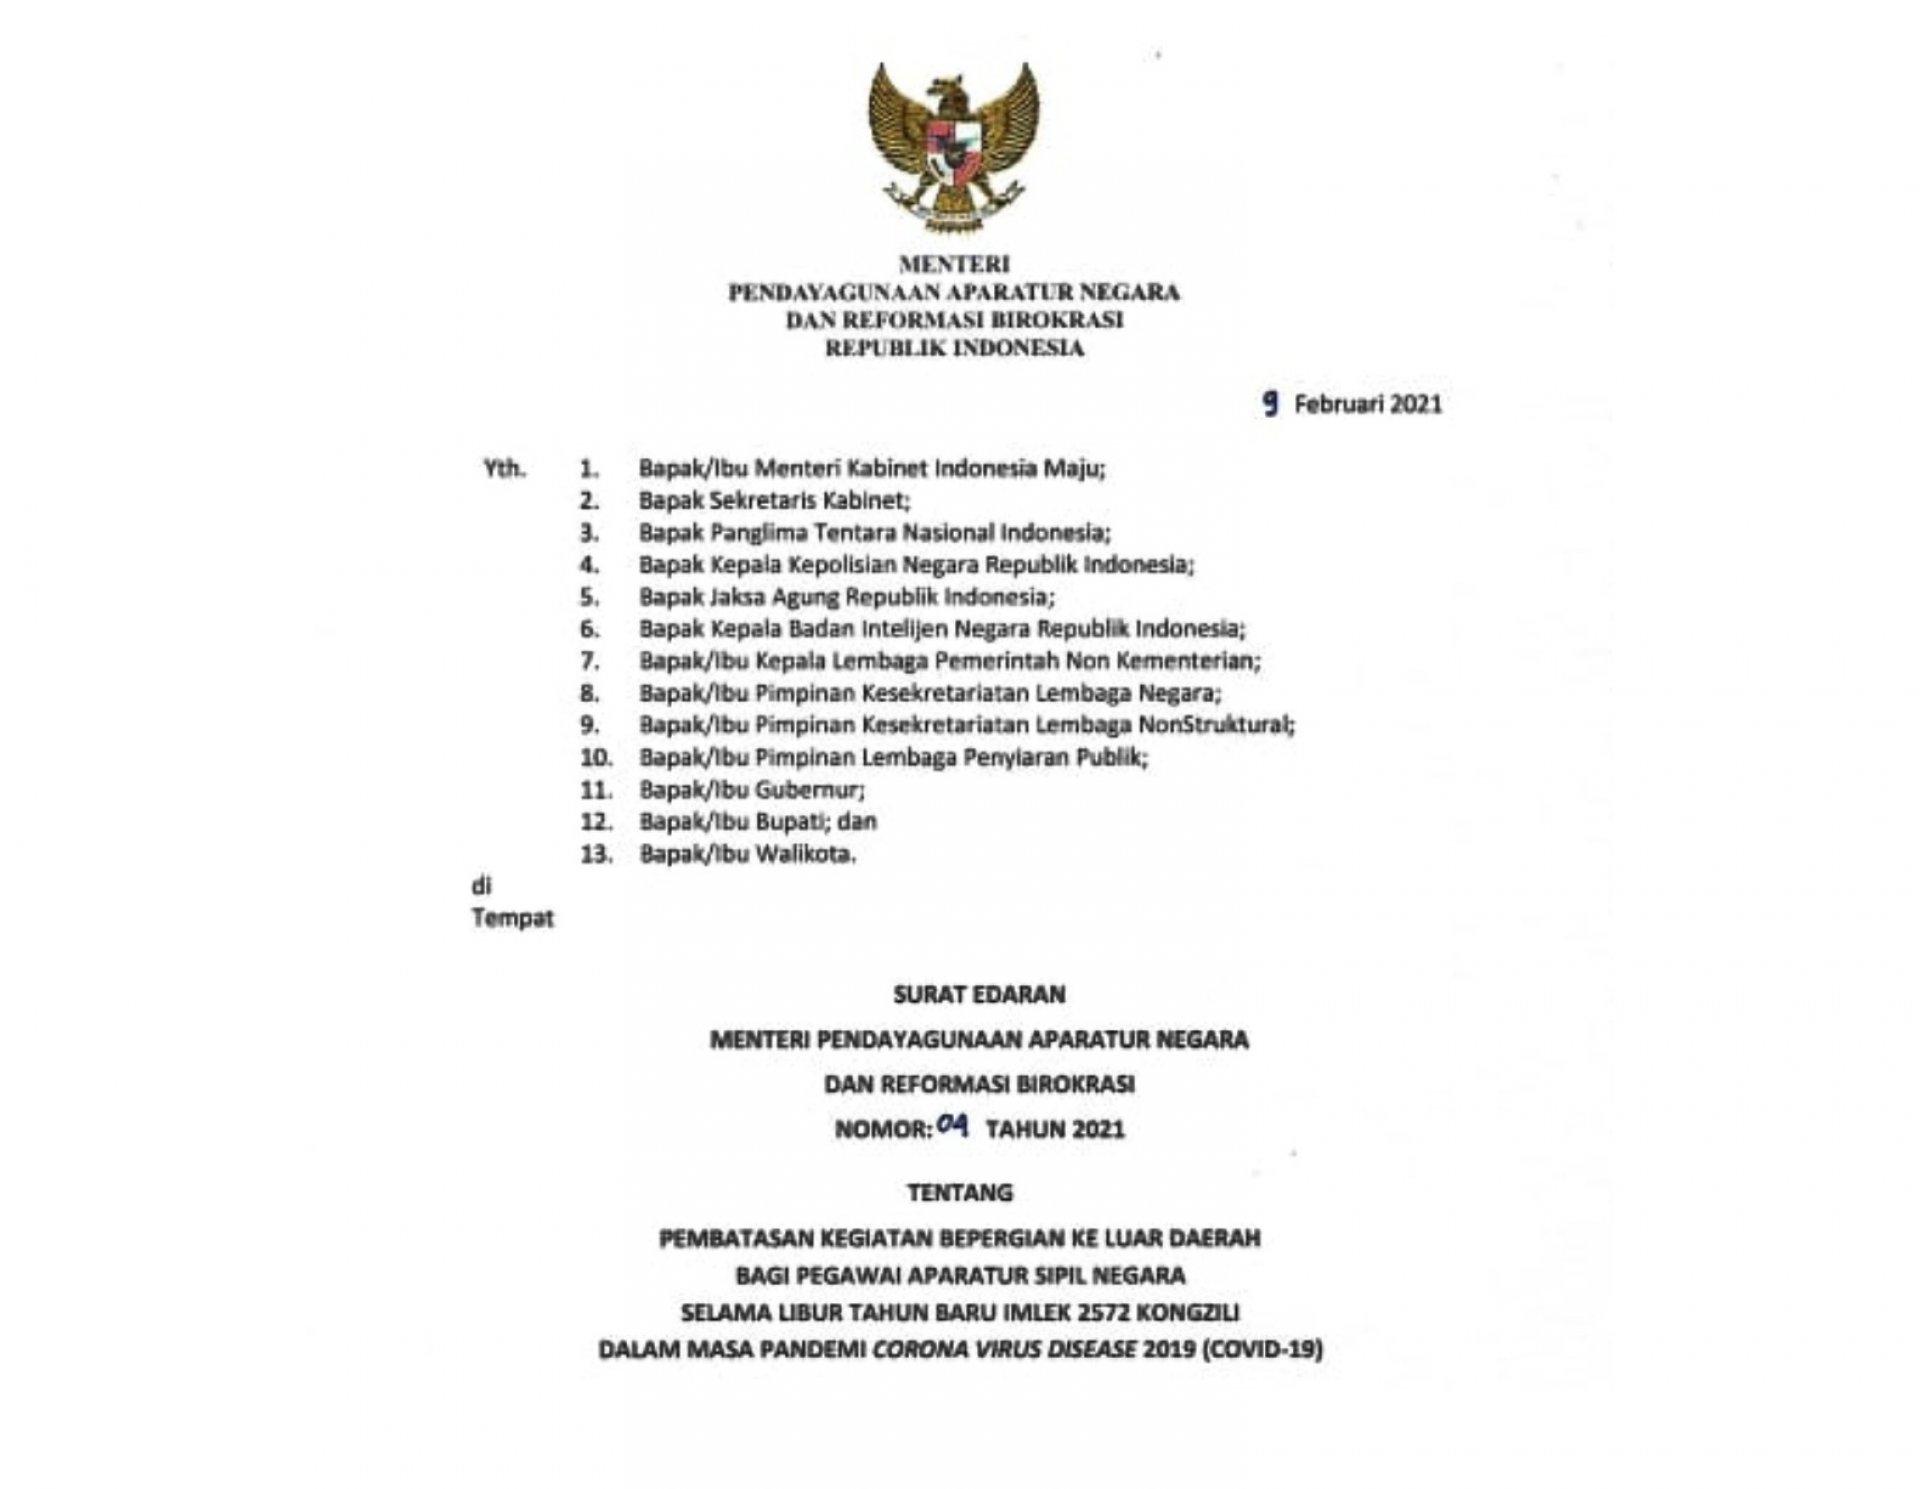 Surat Edaran Menpan RB Nomor 4 Tahun 2021 Tentang Pembatasan Bepergian ke Luar Daerah Bagi ASN Selama Libur Tahun Baru Imlek